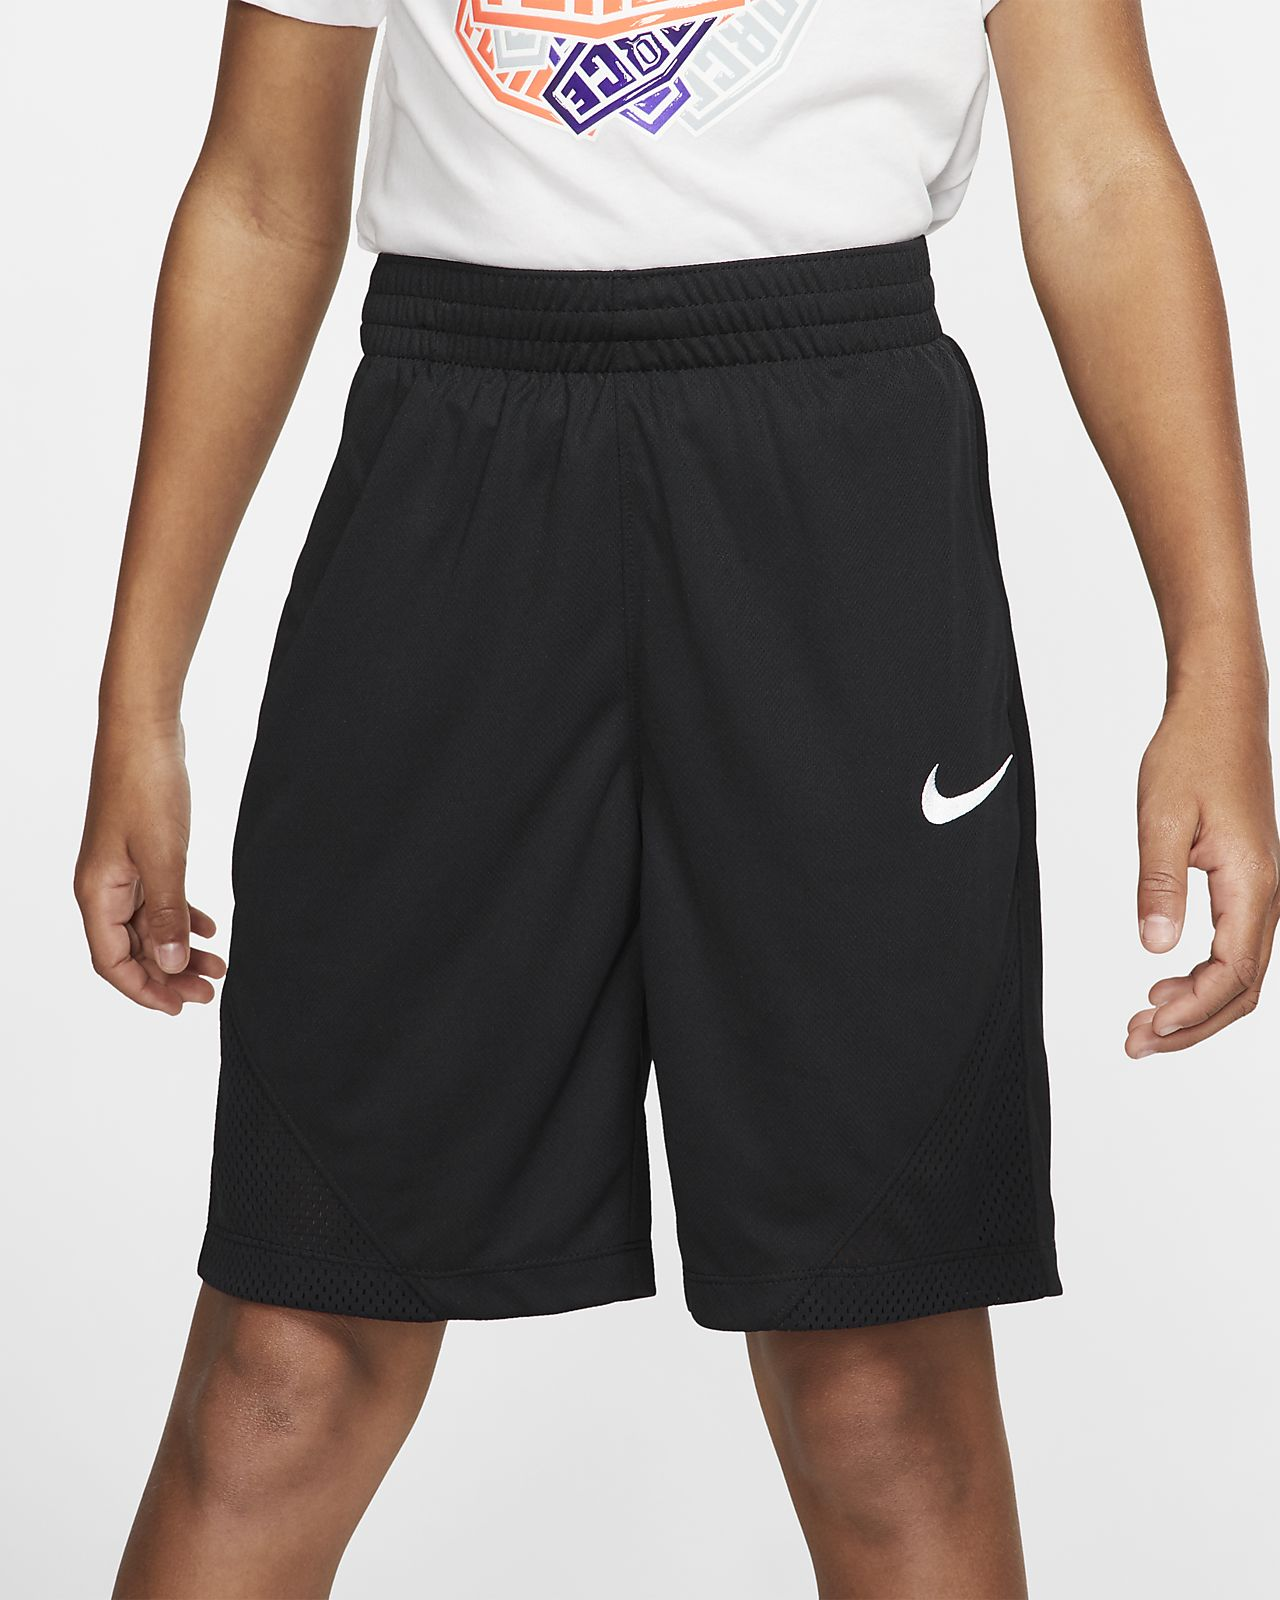 Αγορίστικο σορτς μπάσκετ Nike Dry